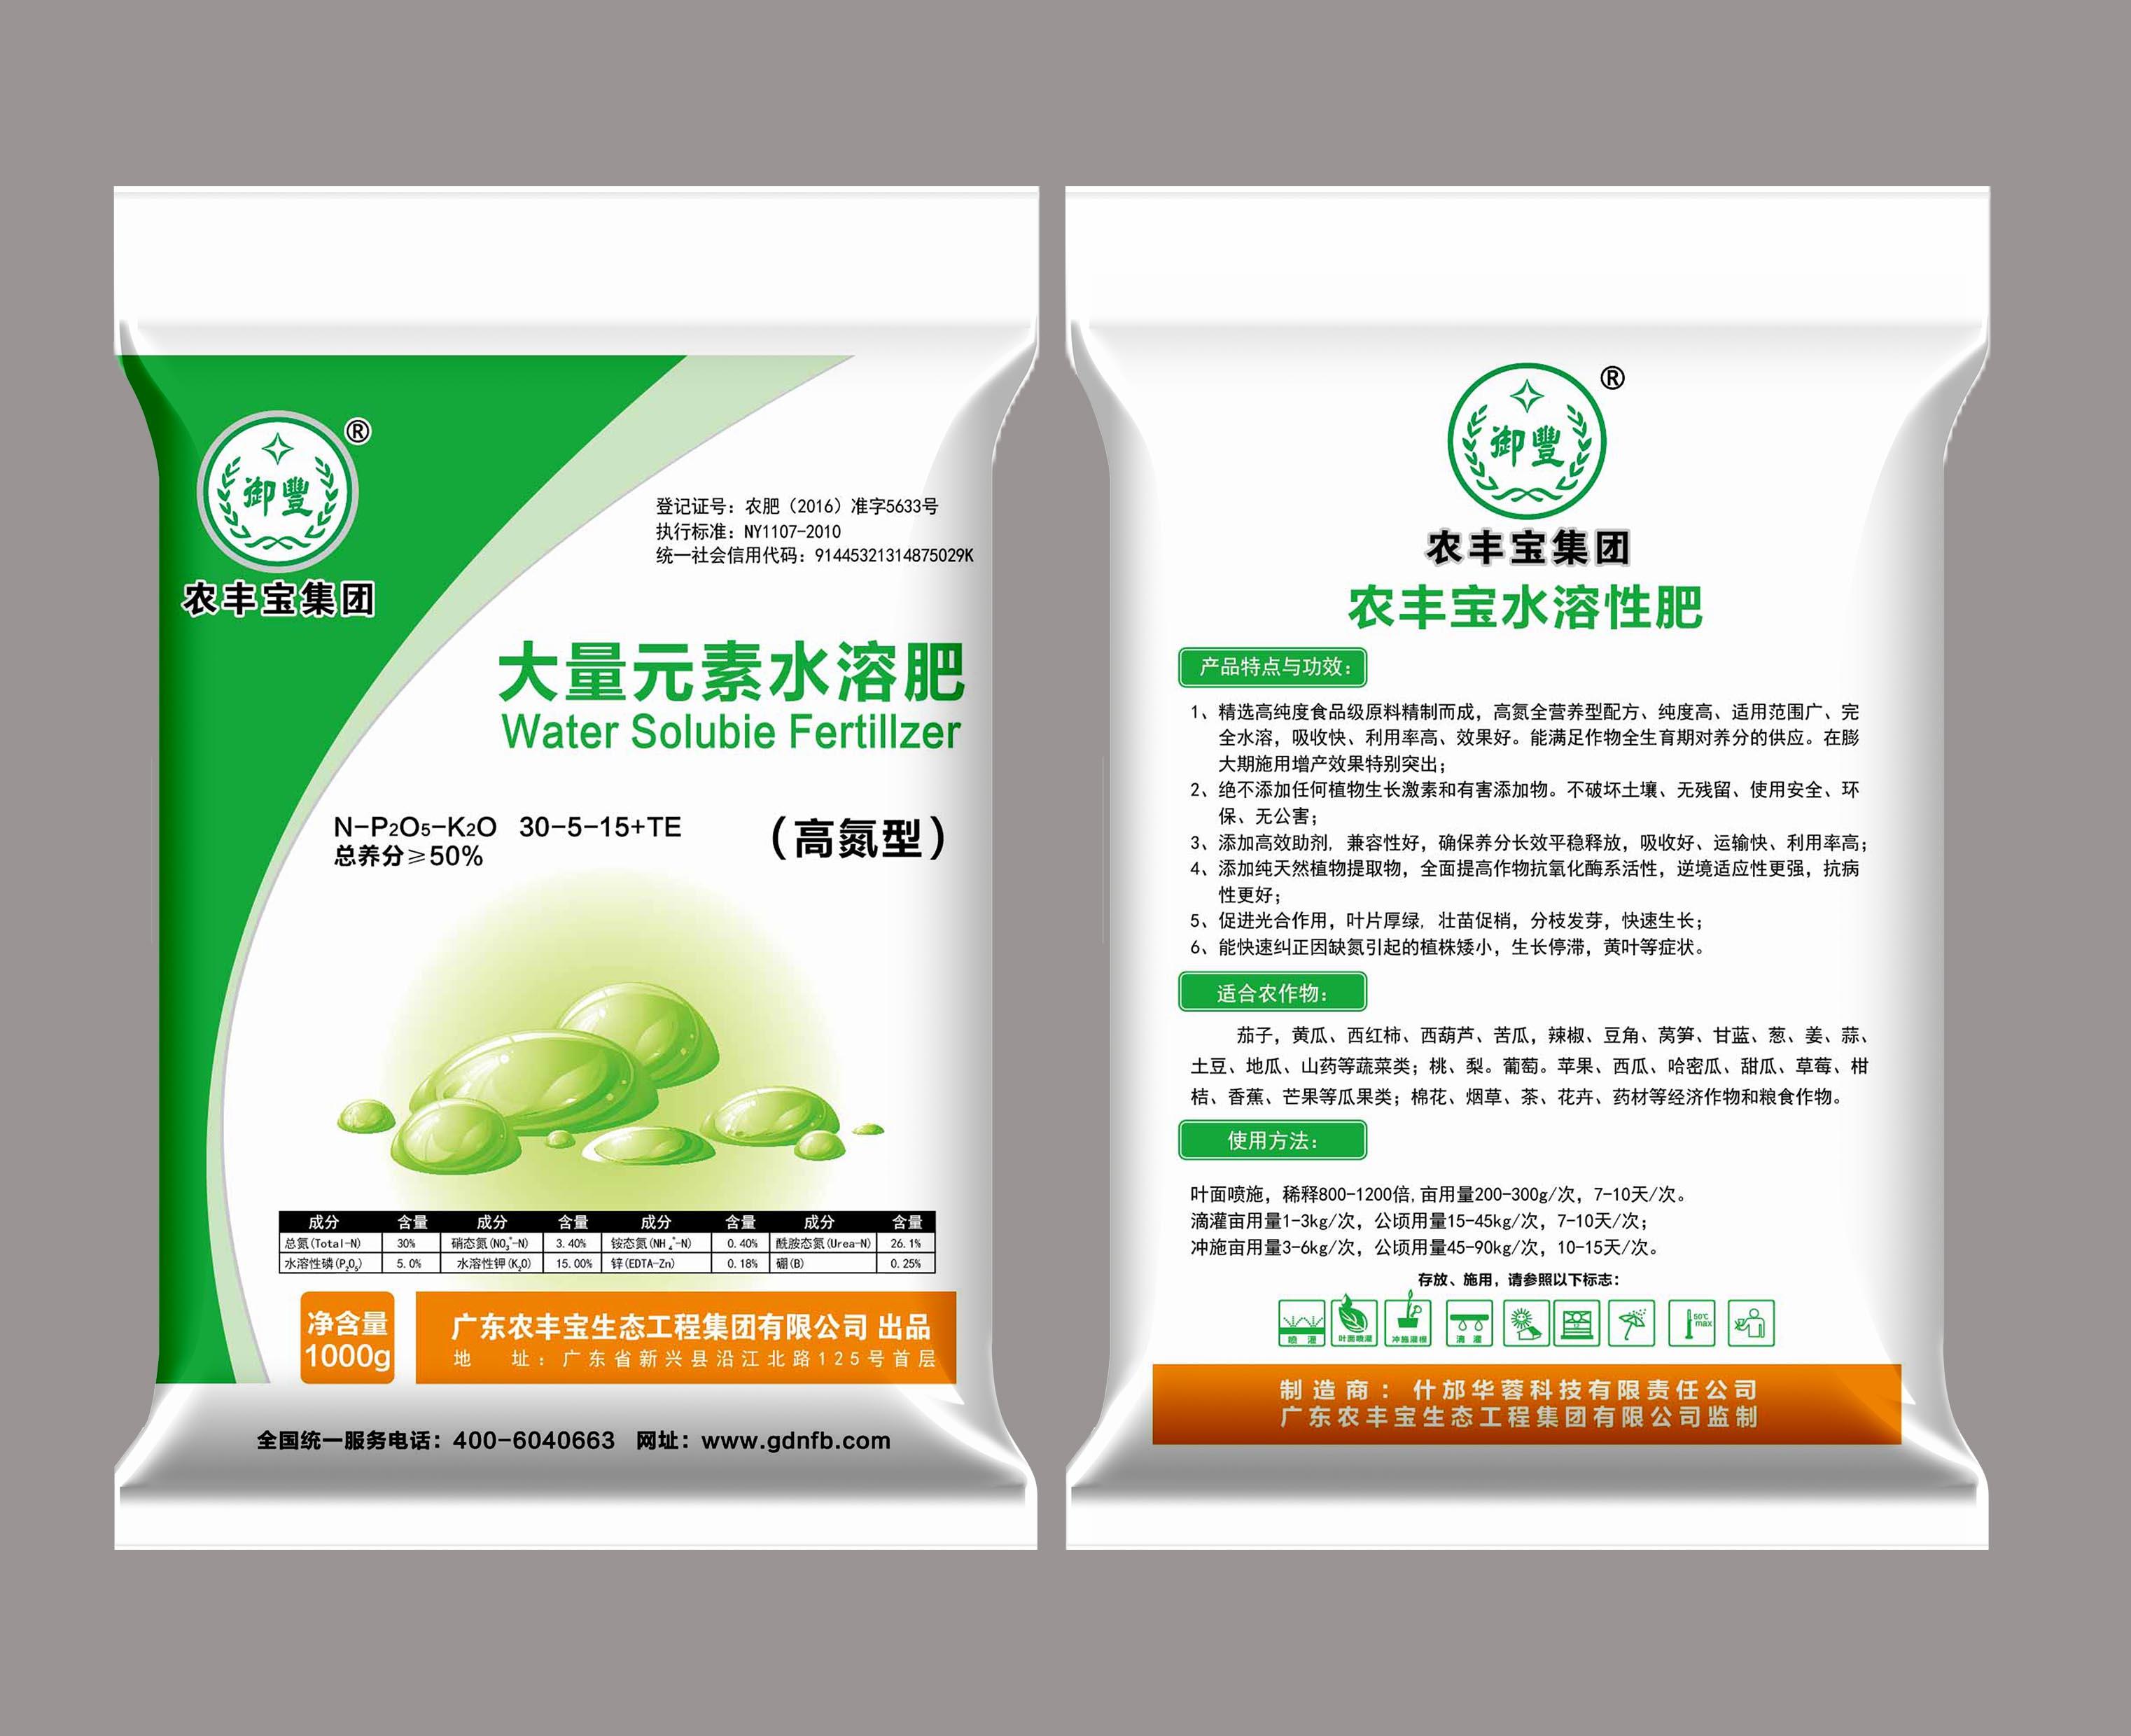 大量元素水溶肥(高氮型)